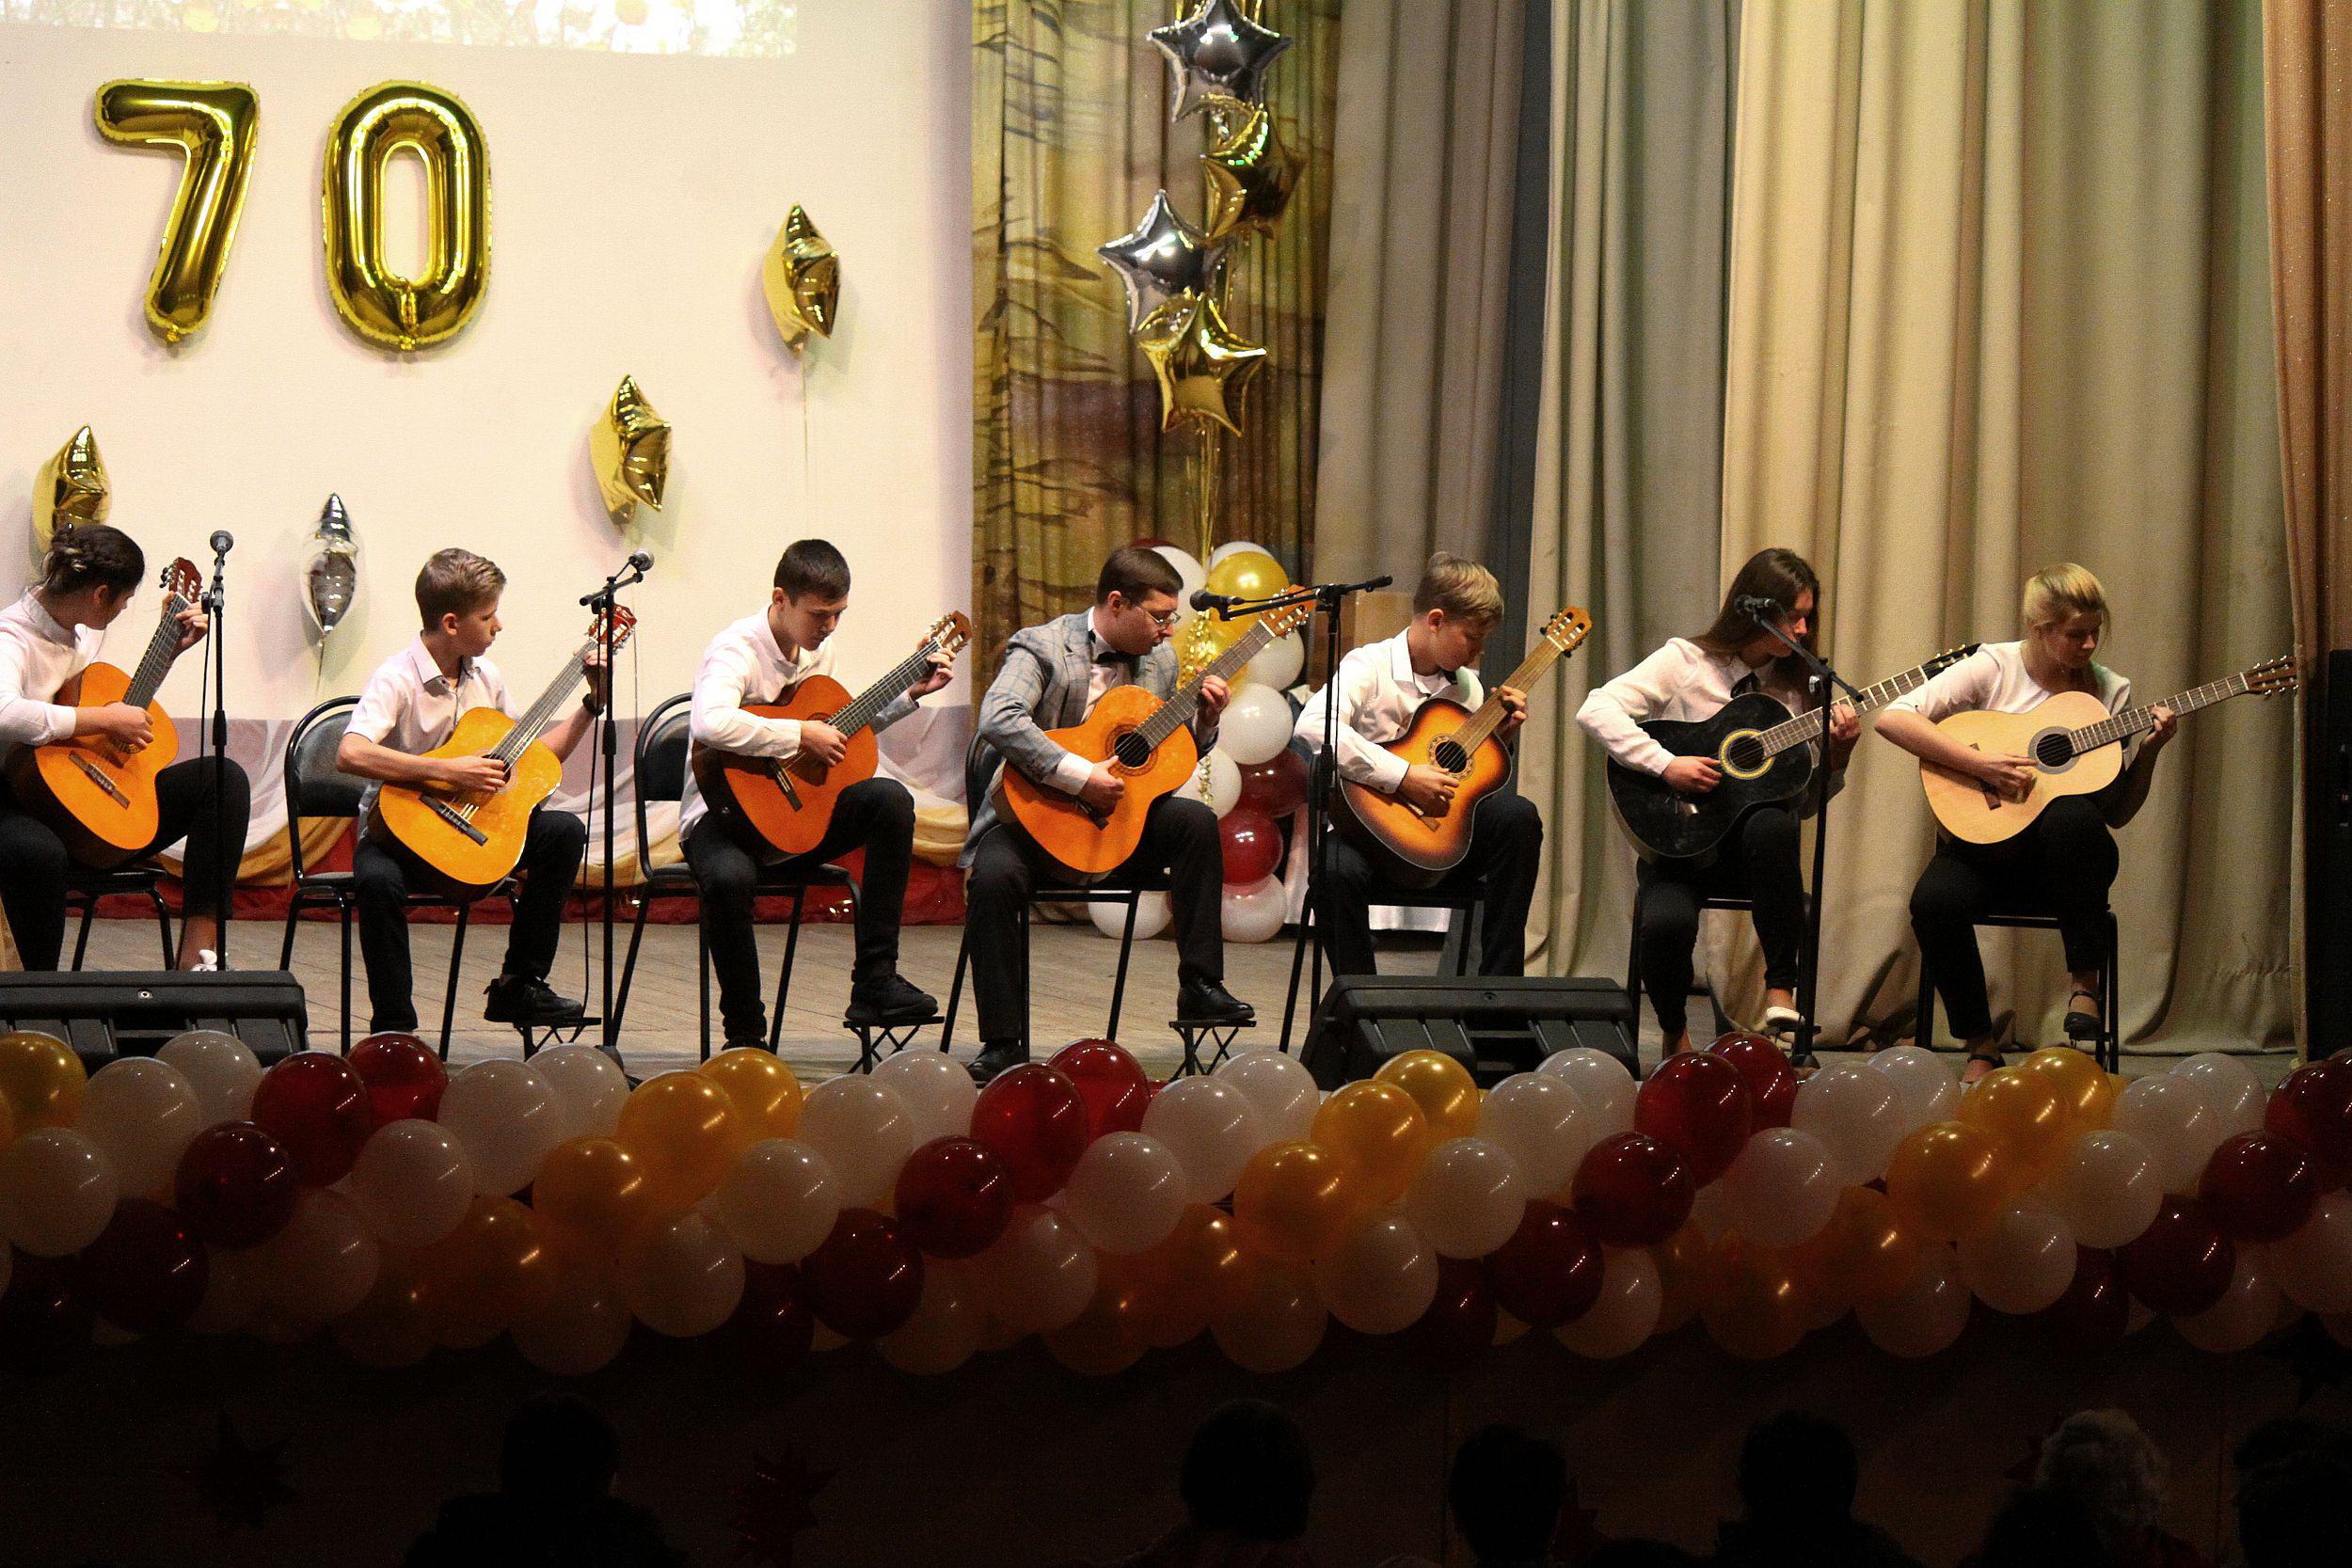 Педагог с учениками на концерте в честь 70-летия Садовской школы